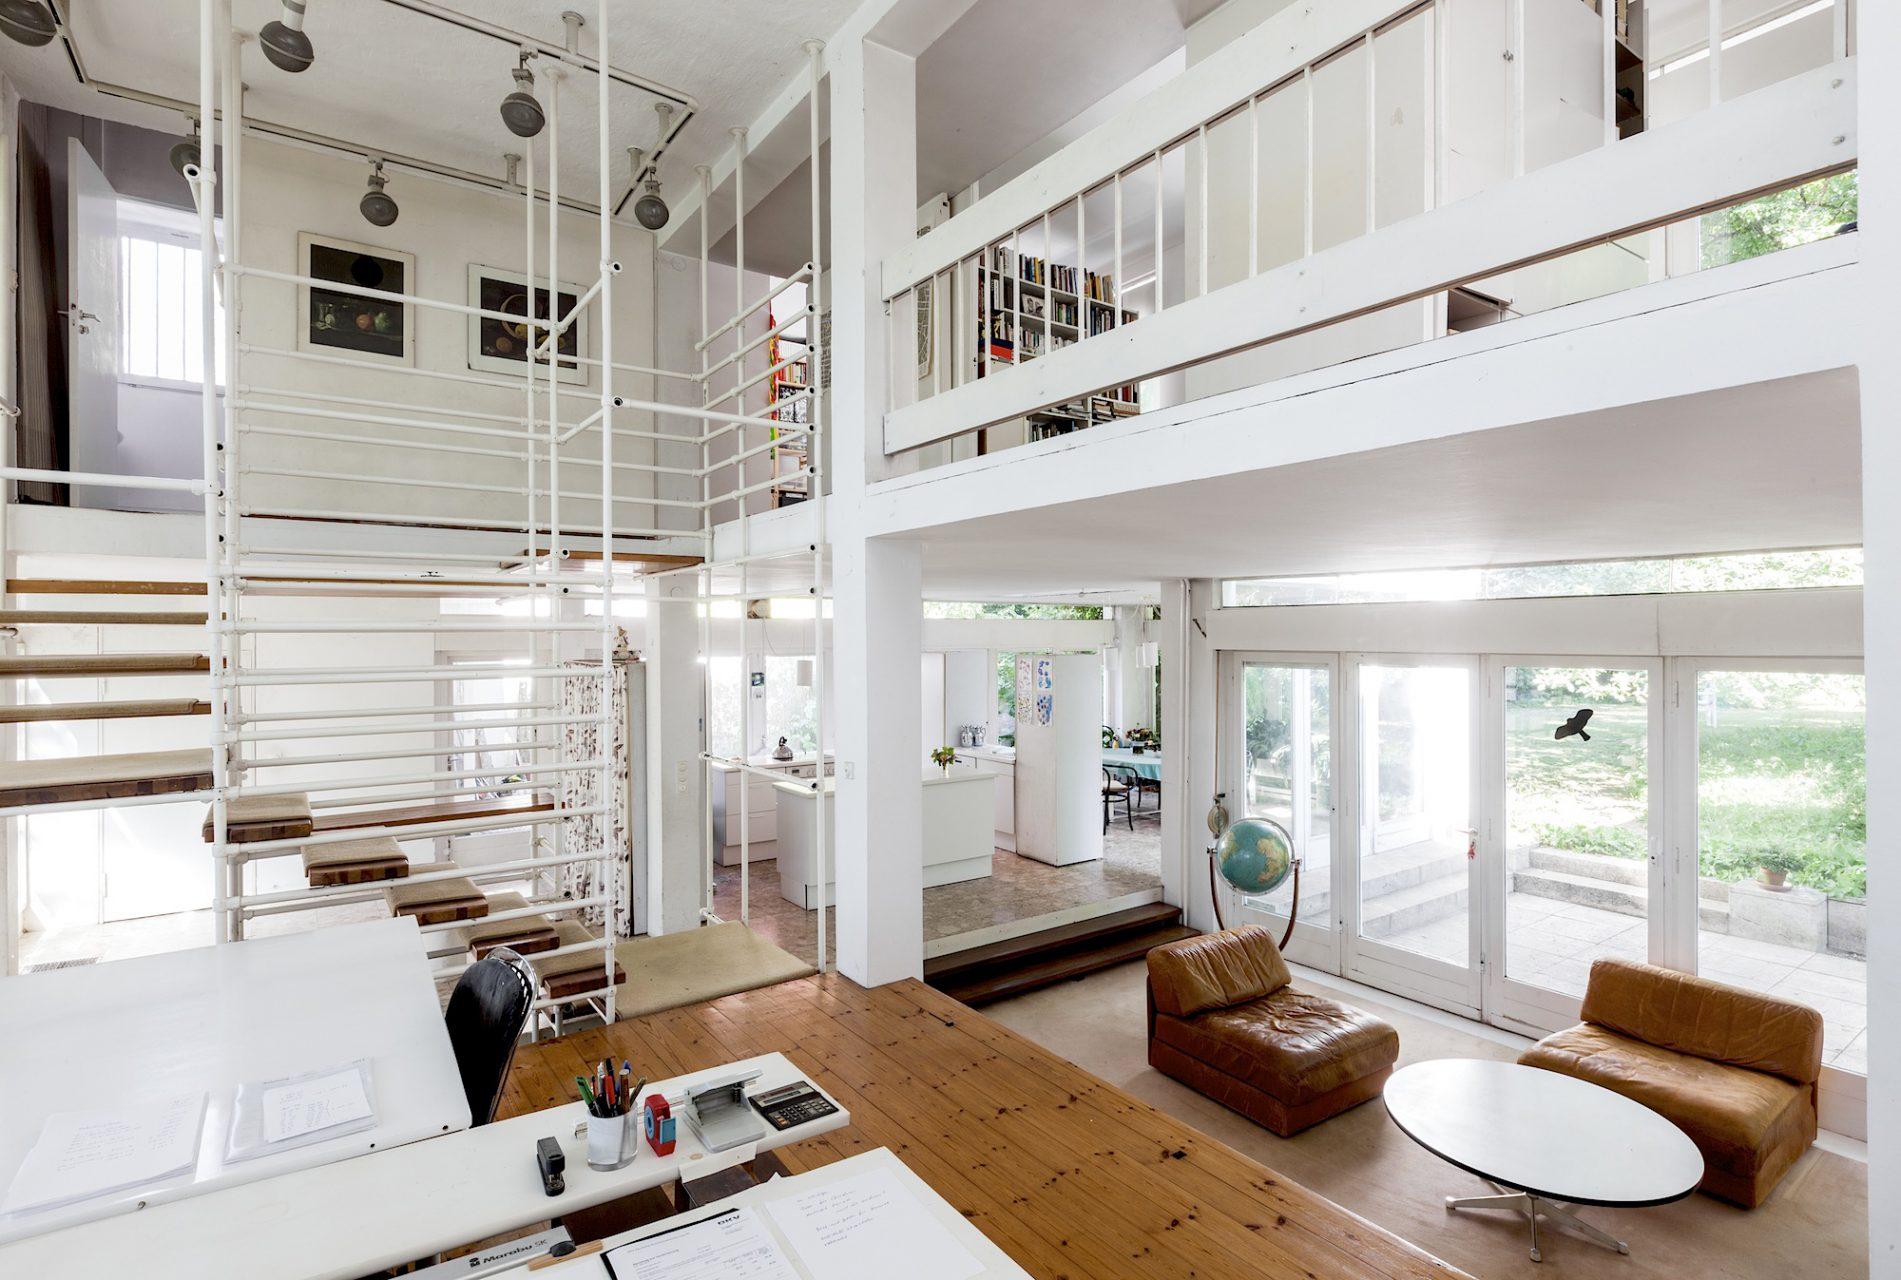 Haus Nather und Rebitzki von 1965, Berlin. Ateliergebäude trifft auf Wohnhaus mit maximaler Offenheit, fließenden Raumbezügen und großzügiger Wohnlichkeit.